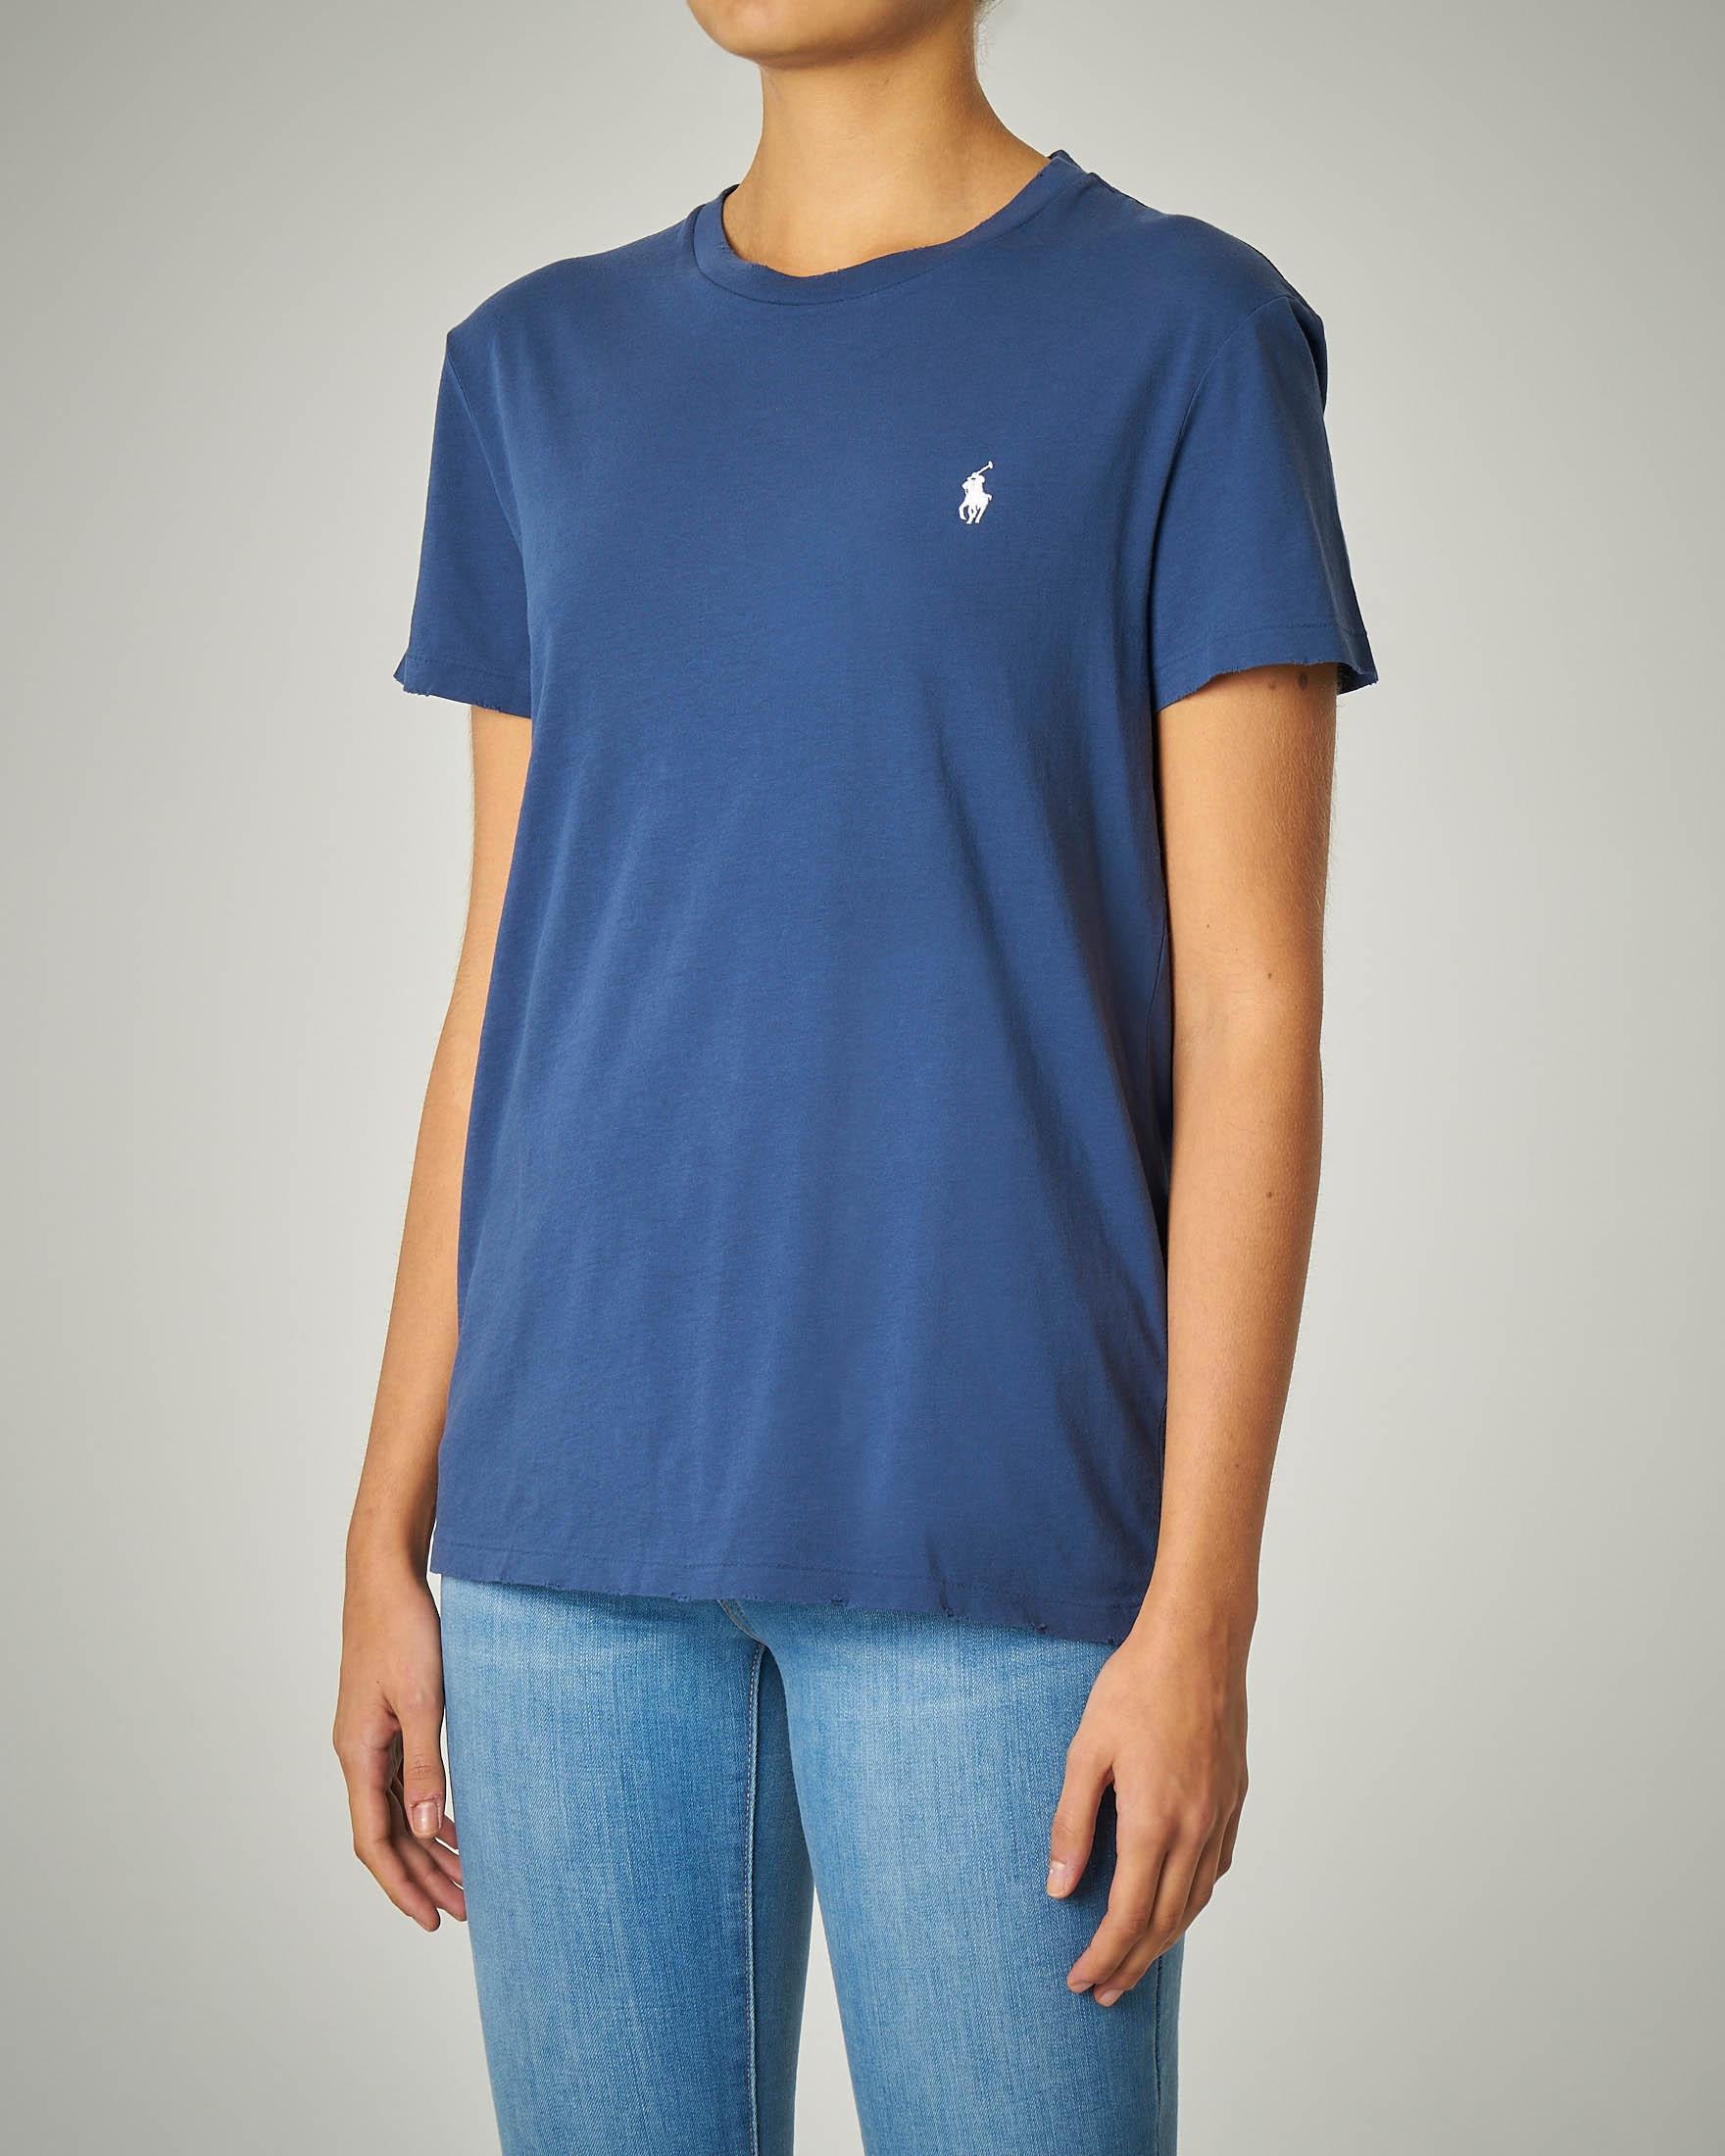 T-shirt girocollo in cotone blu